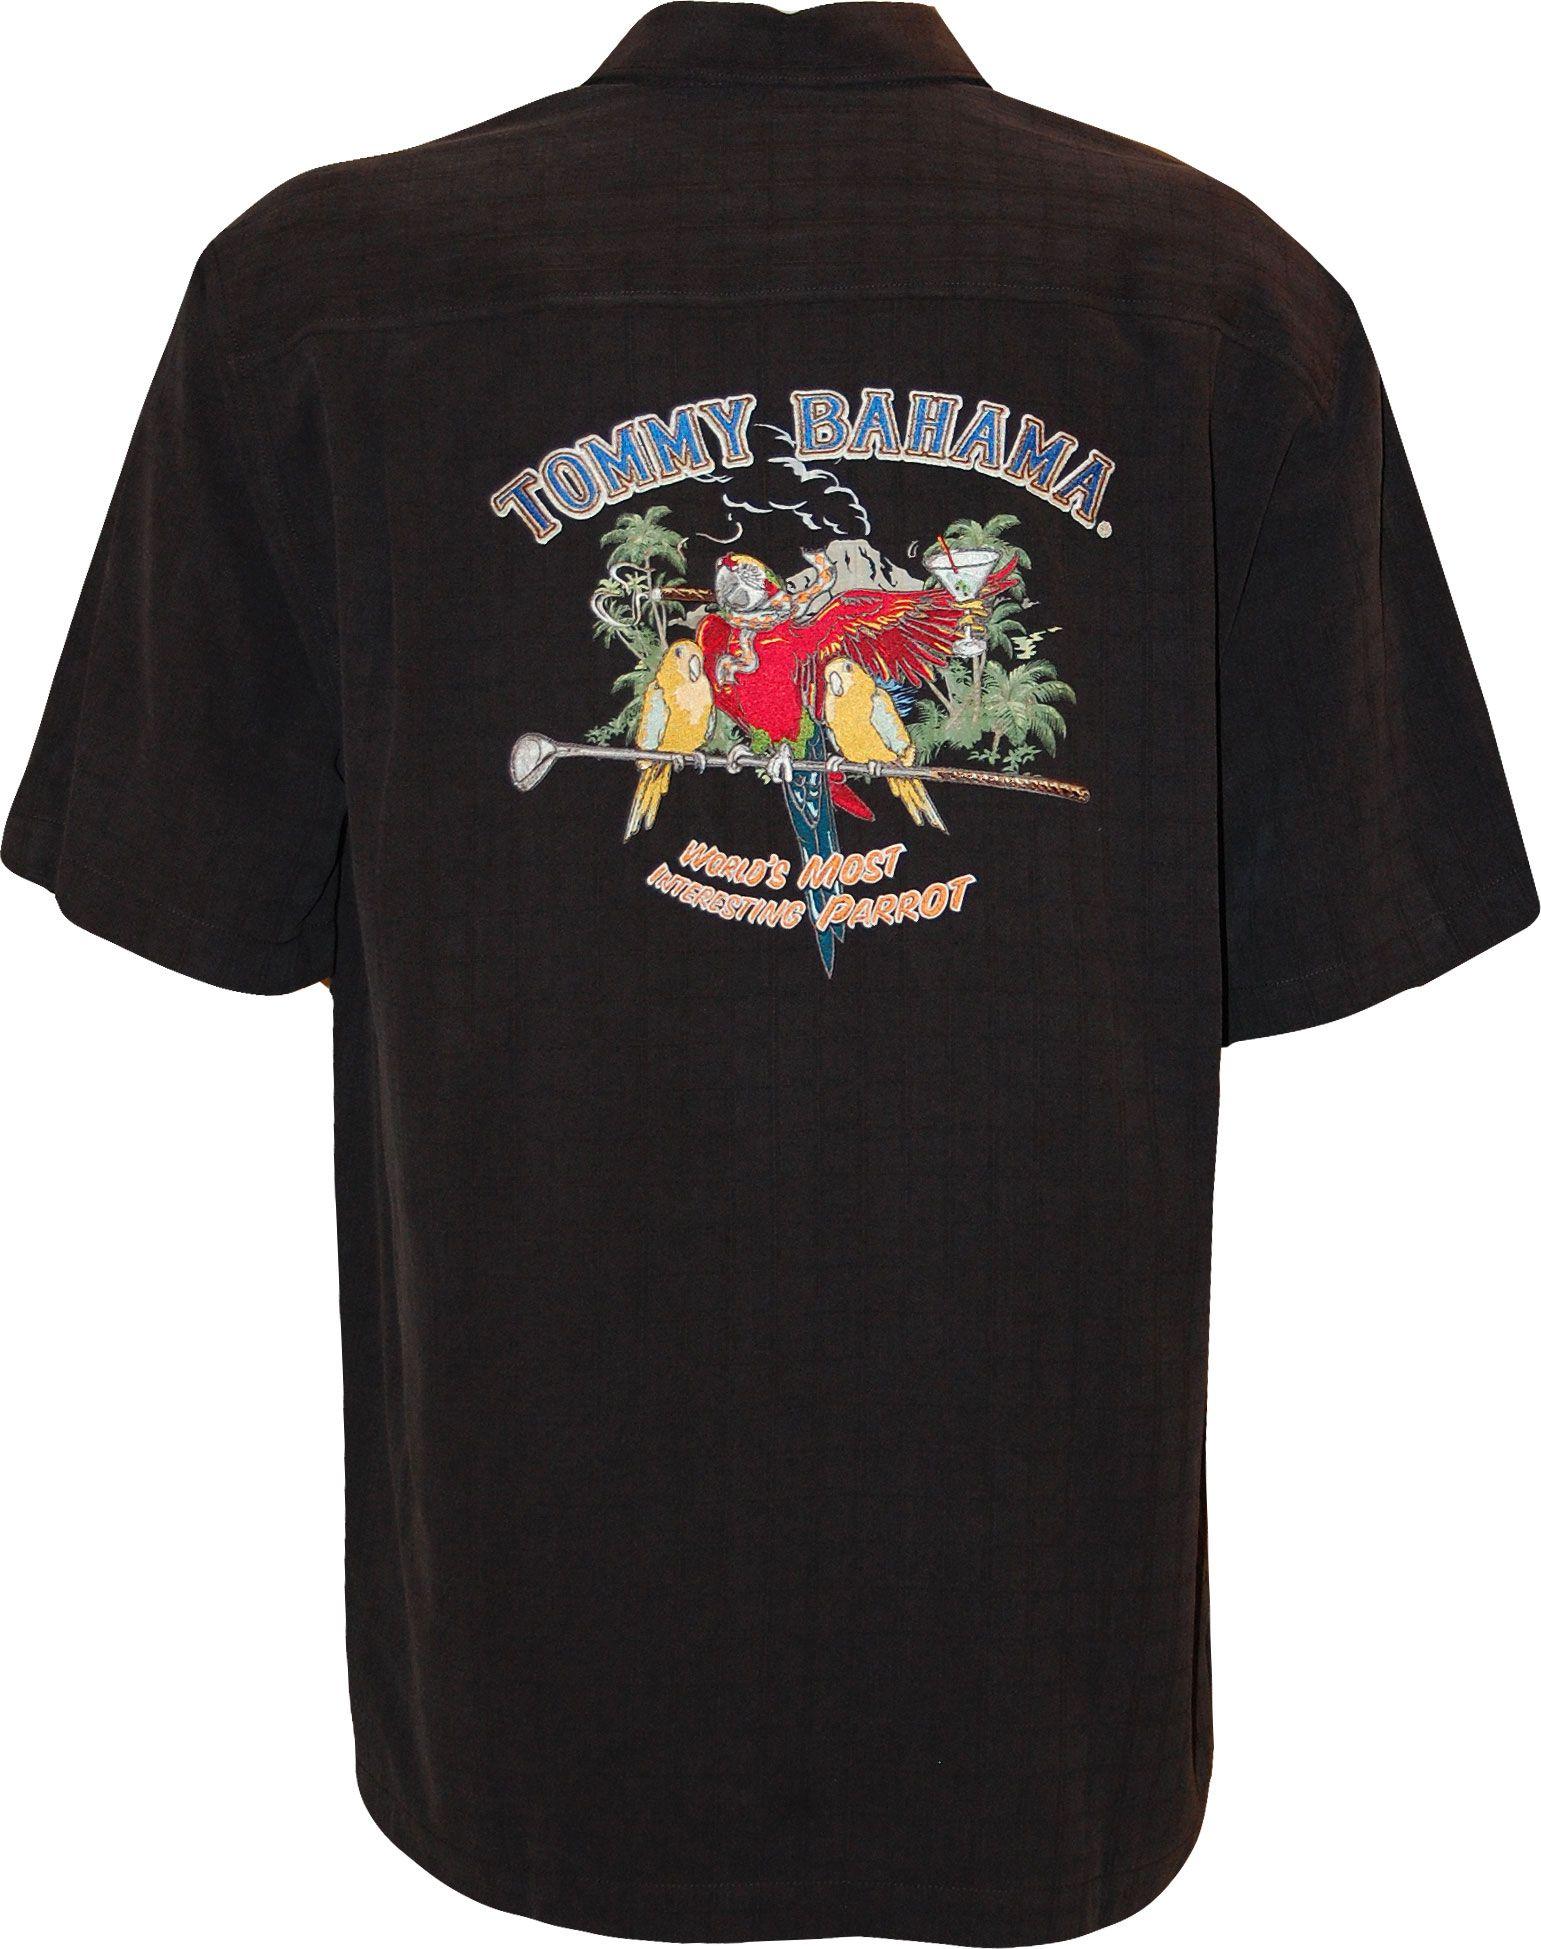 tommy bahama panel back shirts